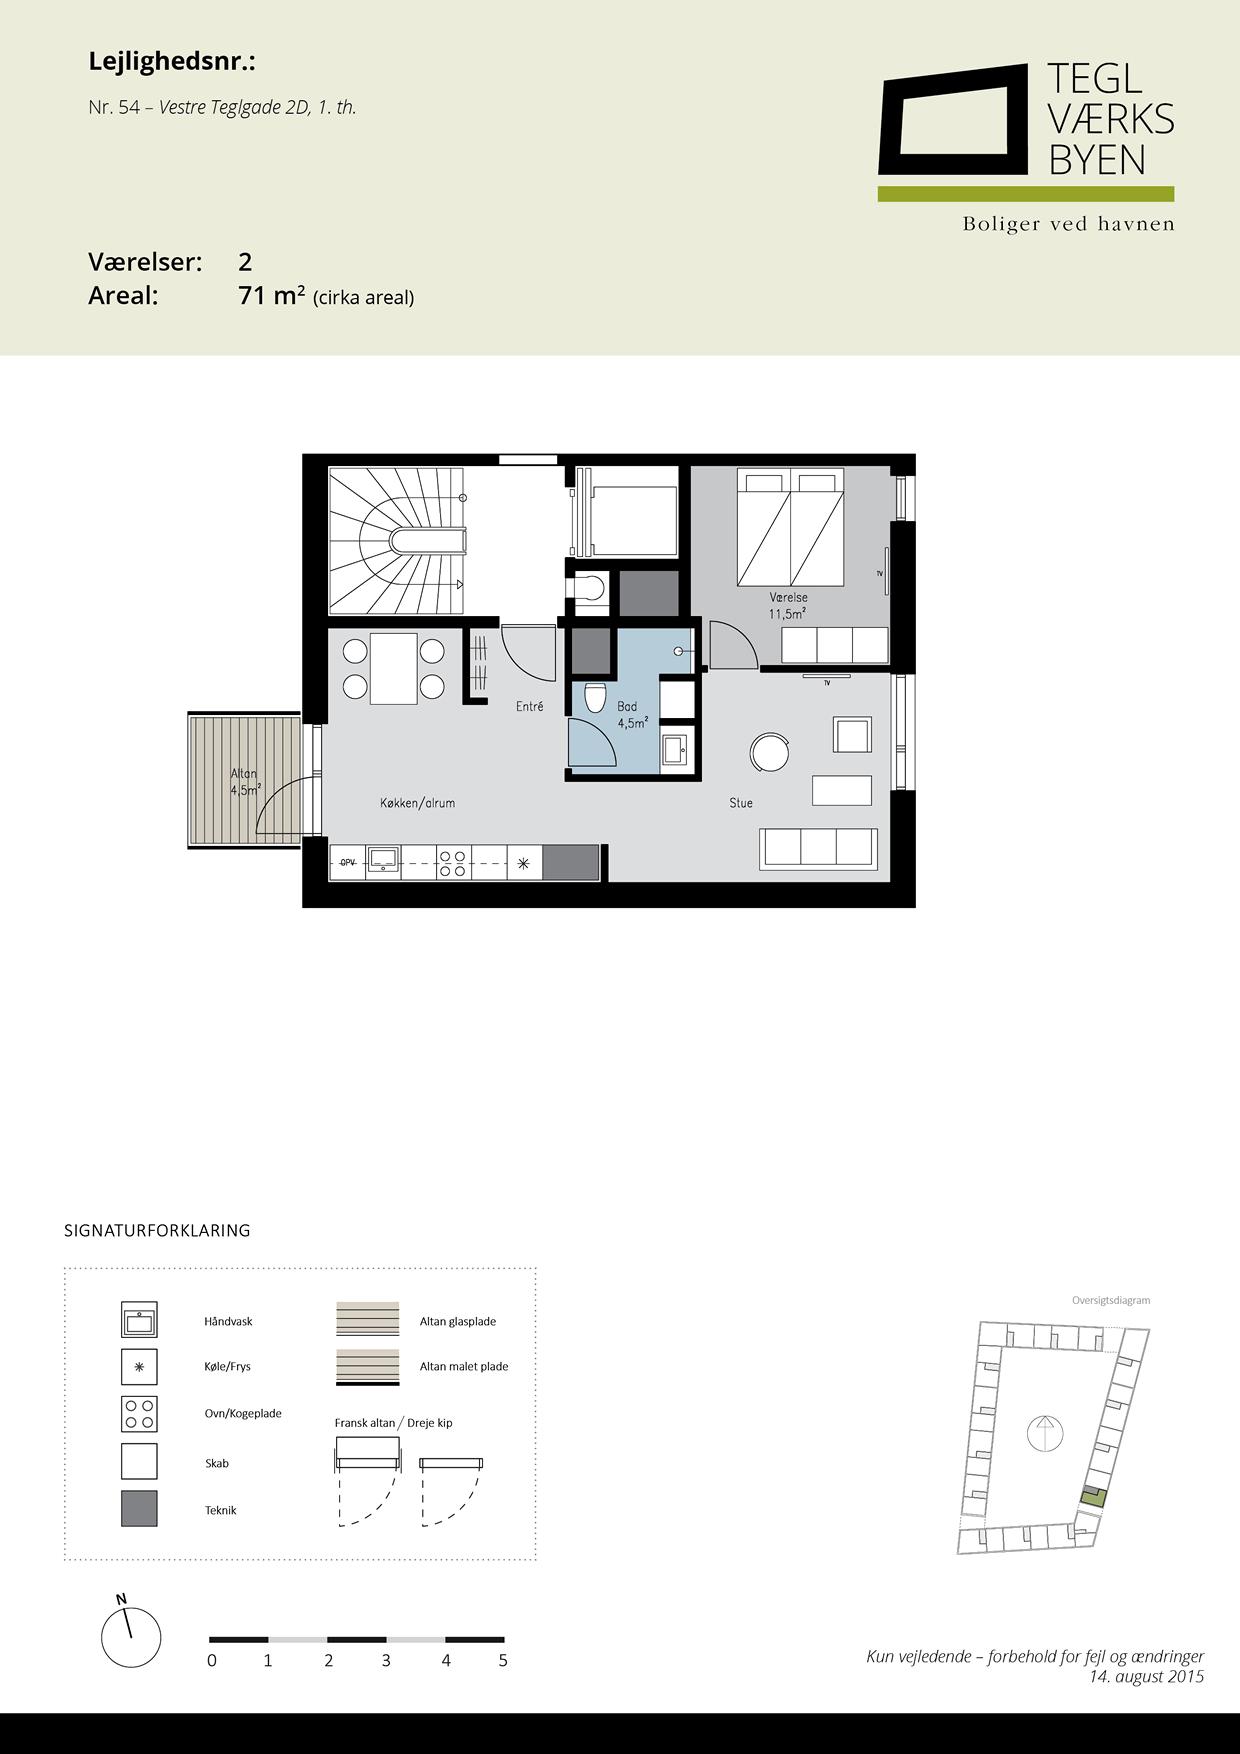 Teglvaerksbyen_54_plan